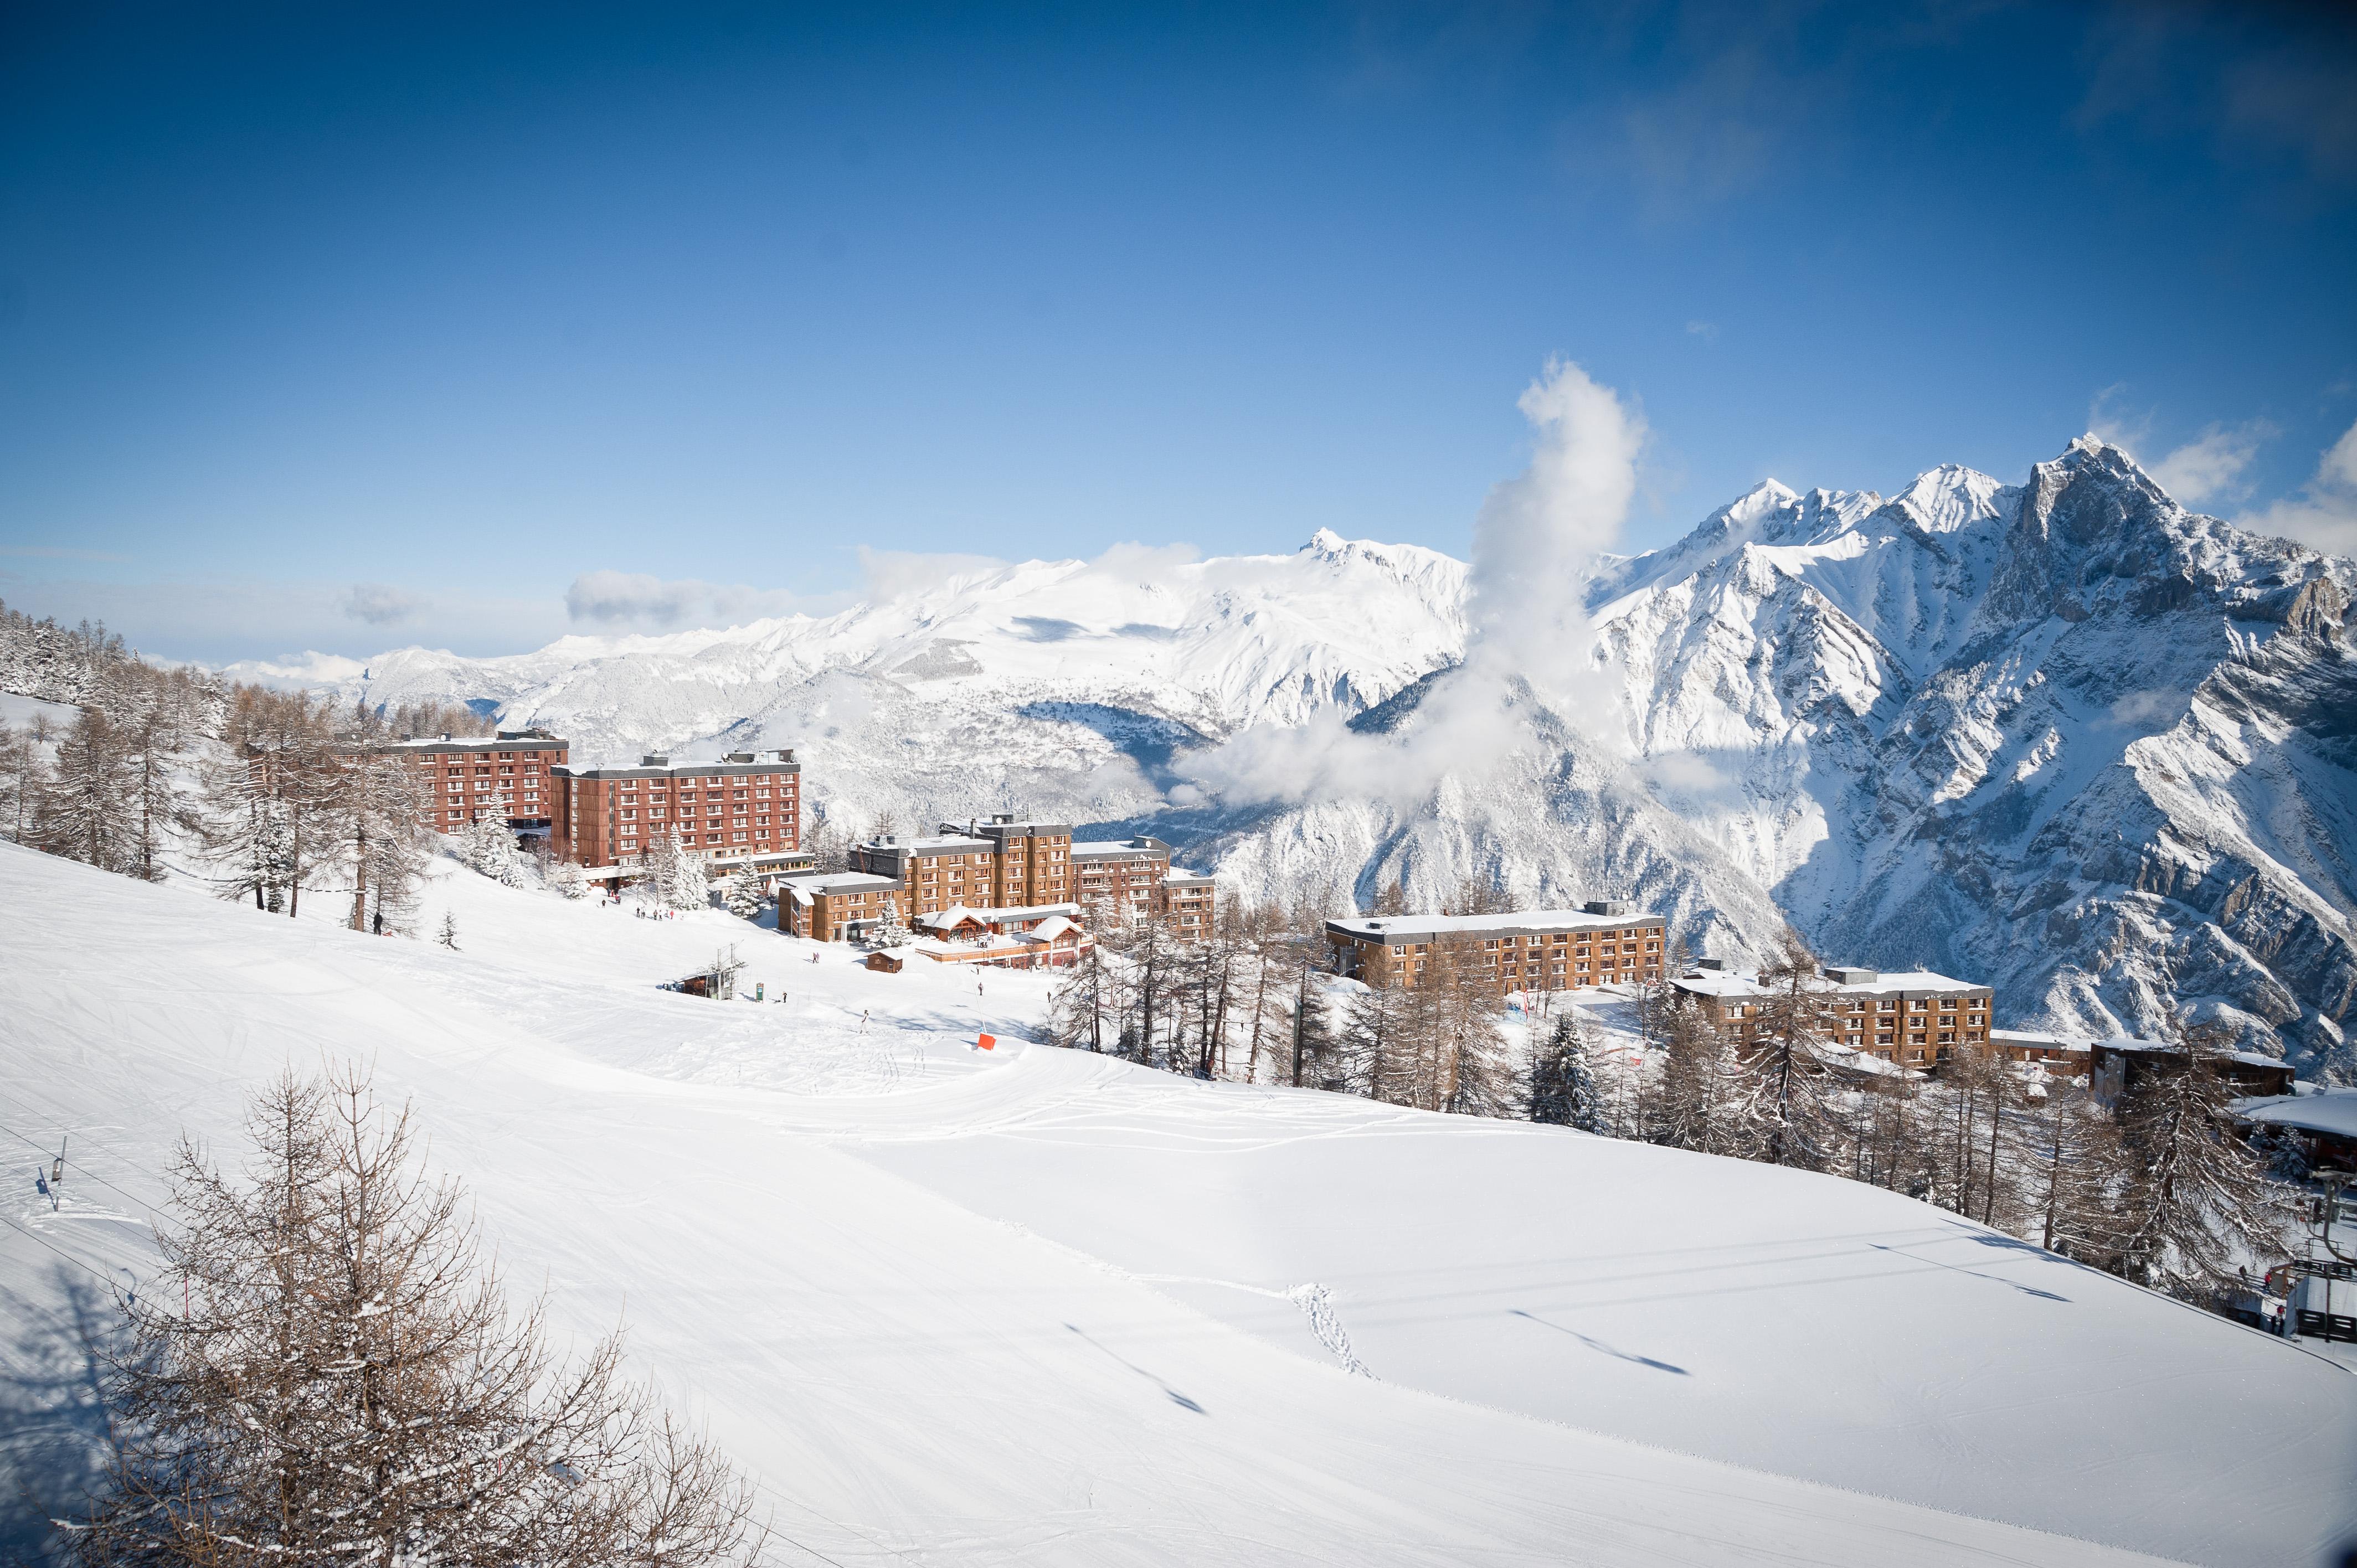 Office de tourisme des karellis savoie mont blanc savoie et haute savoie alpes - Office du tourisme le blanc ...